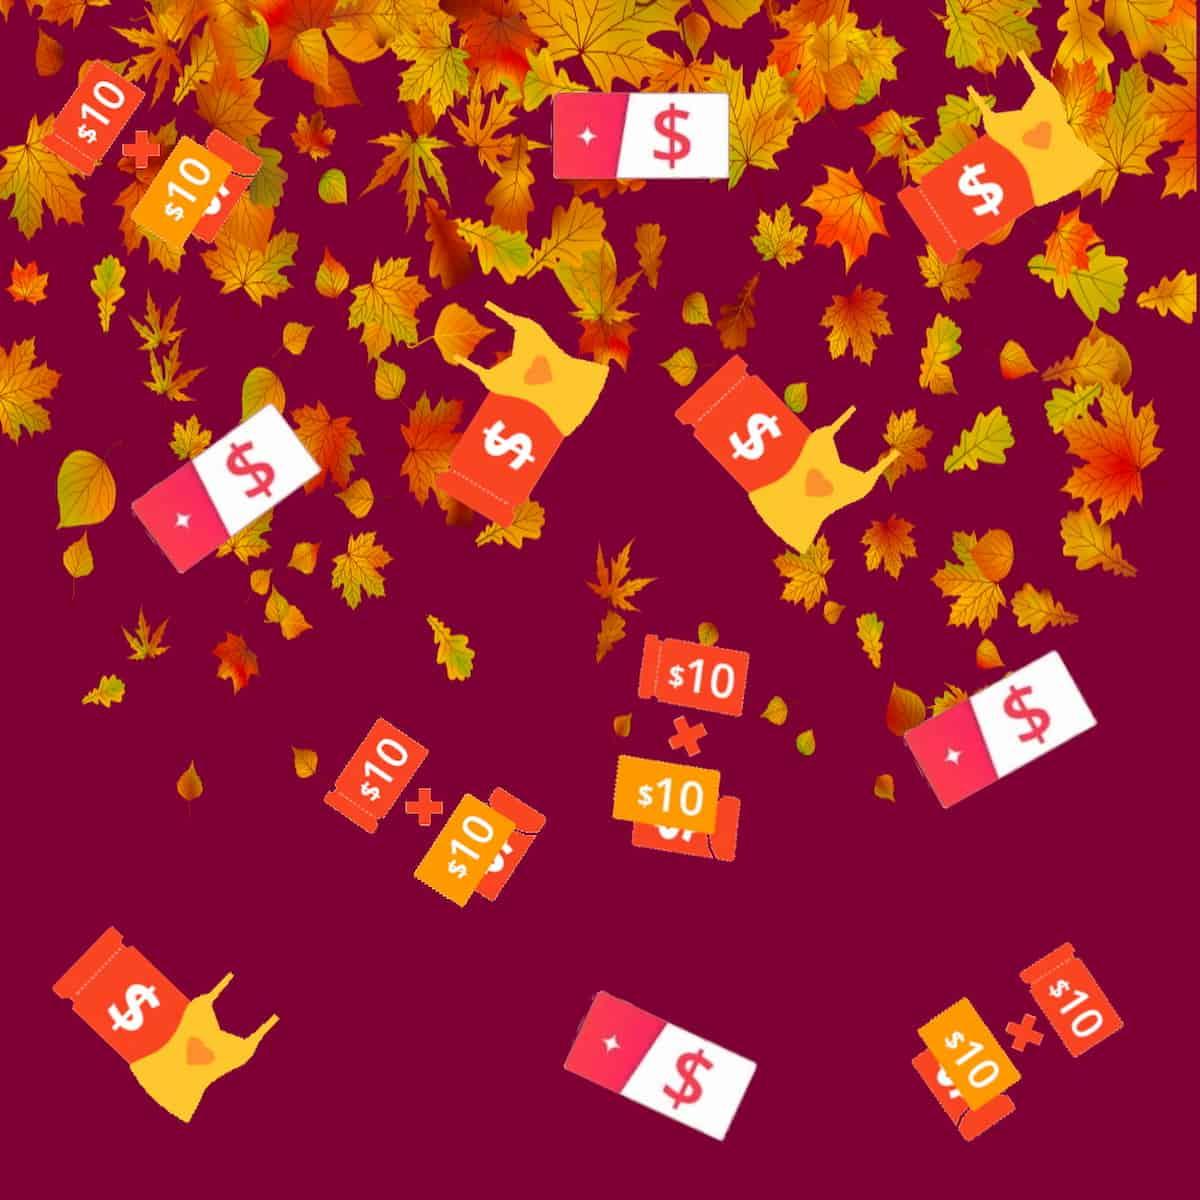 купоны алиэкспресс ноябрь